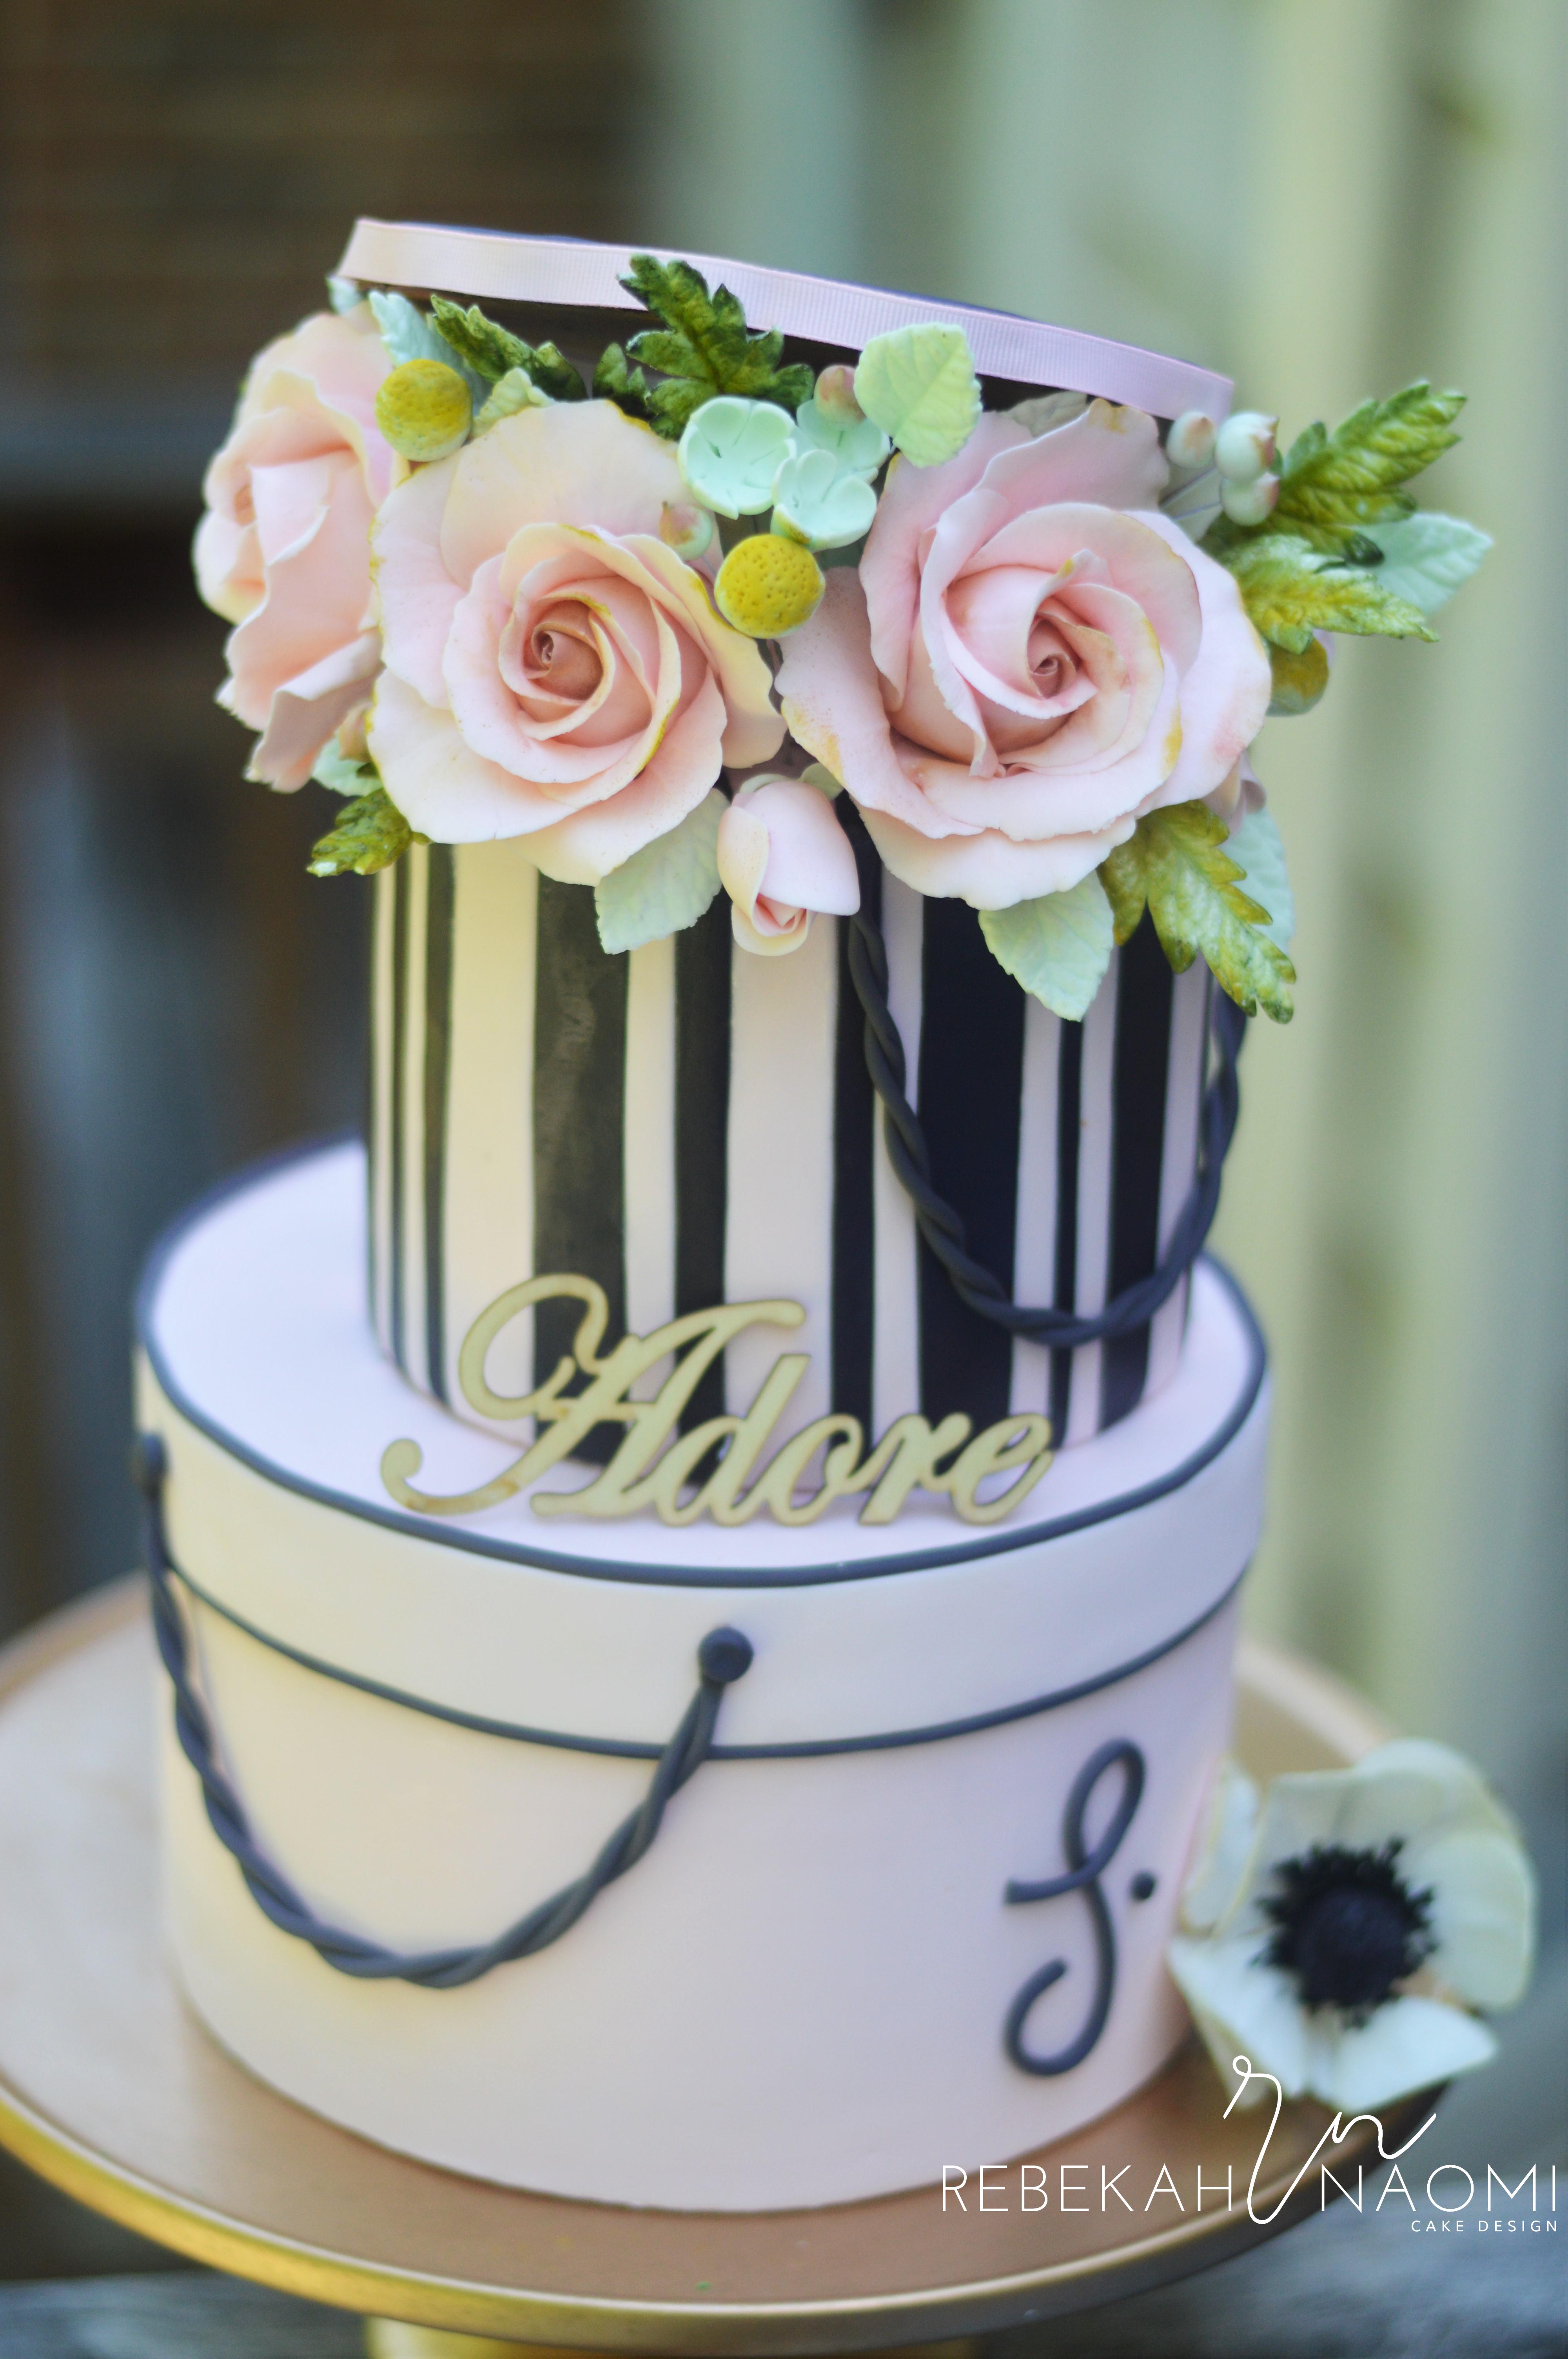 Rebekah-Wilbur-Cakelicious-Wedding-Elegant-58-2.JPG#asset:13447